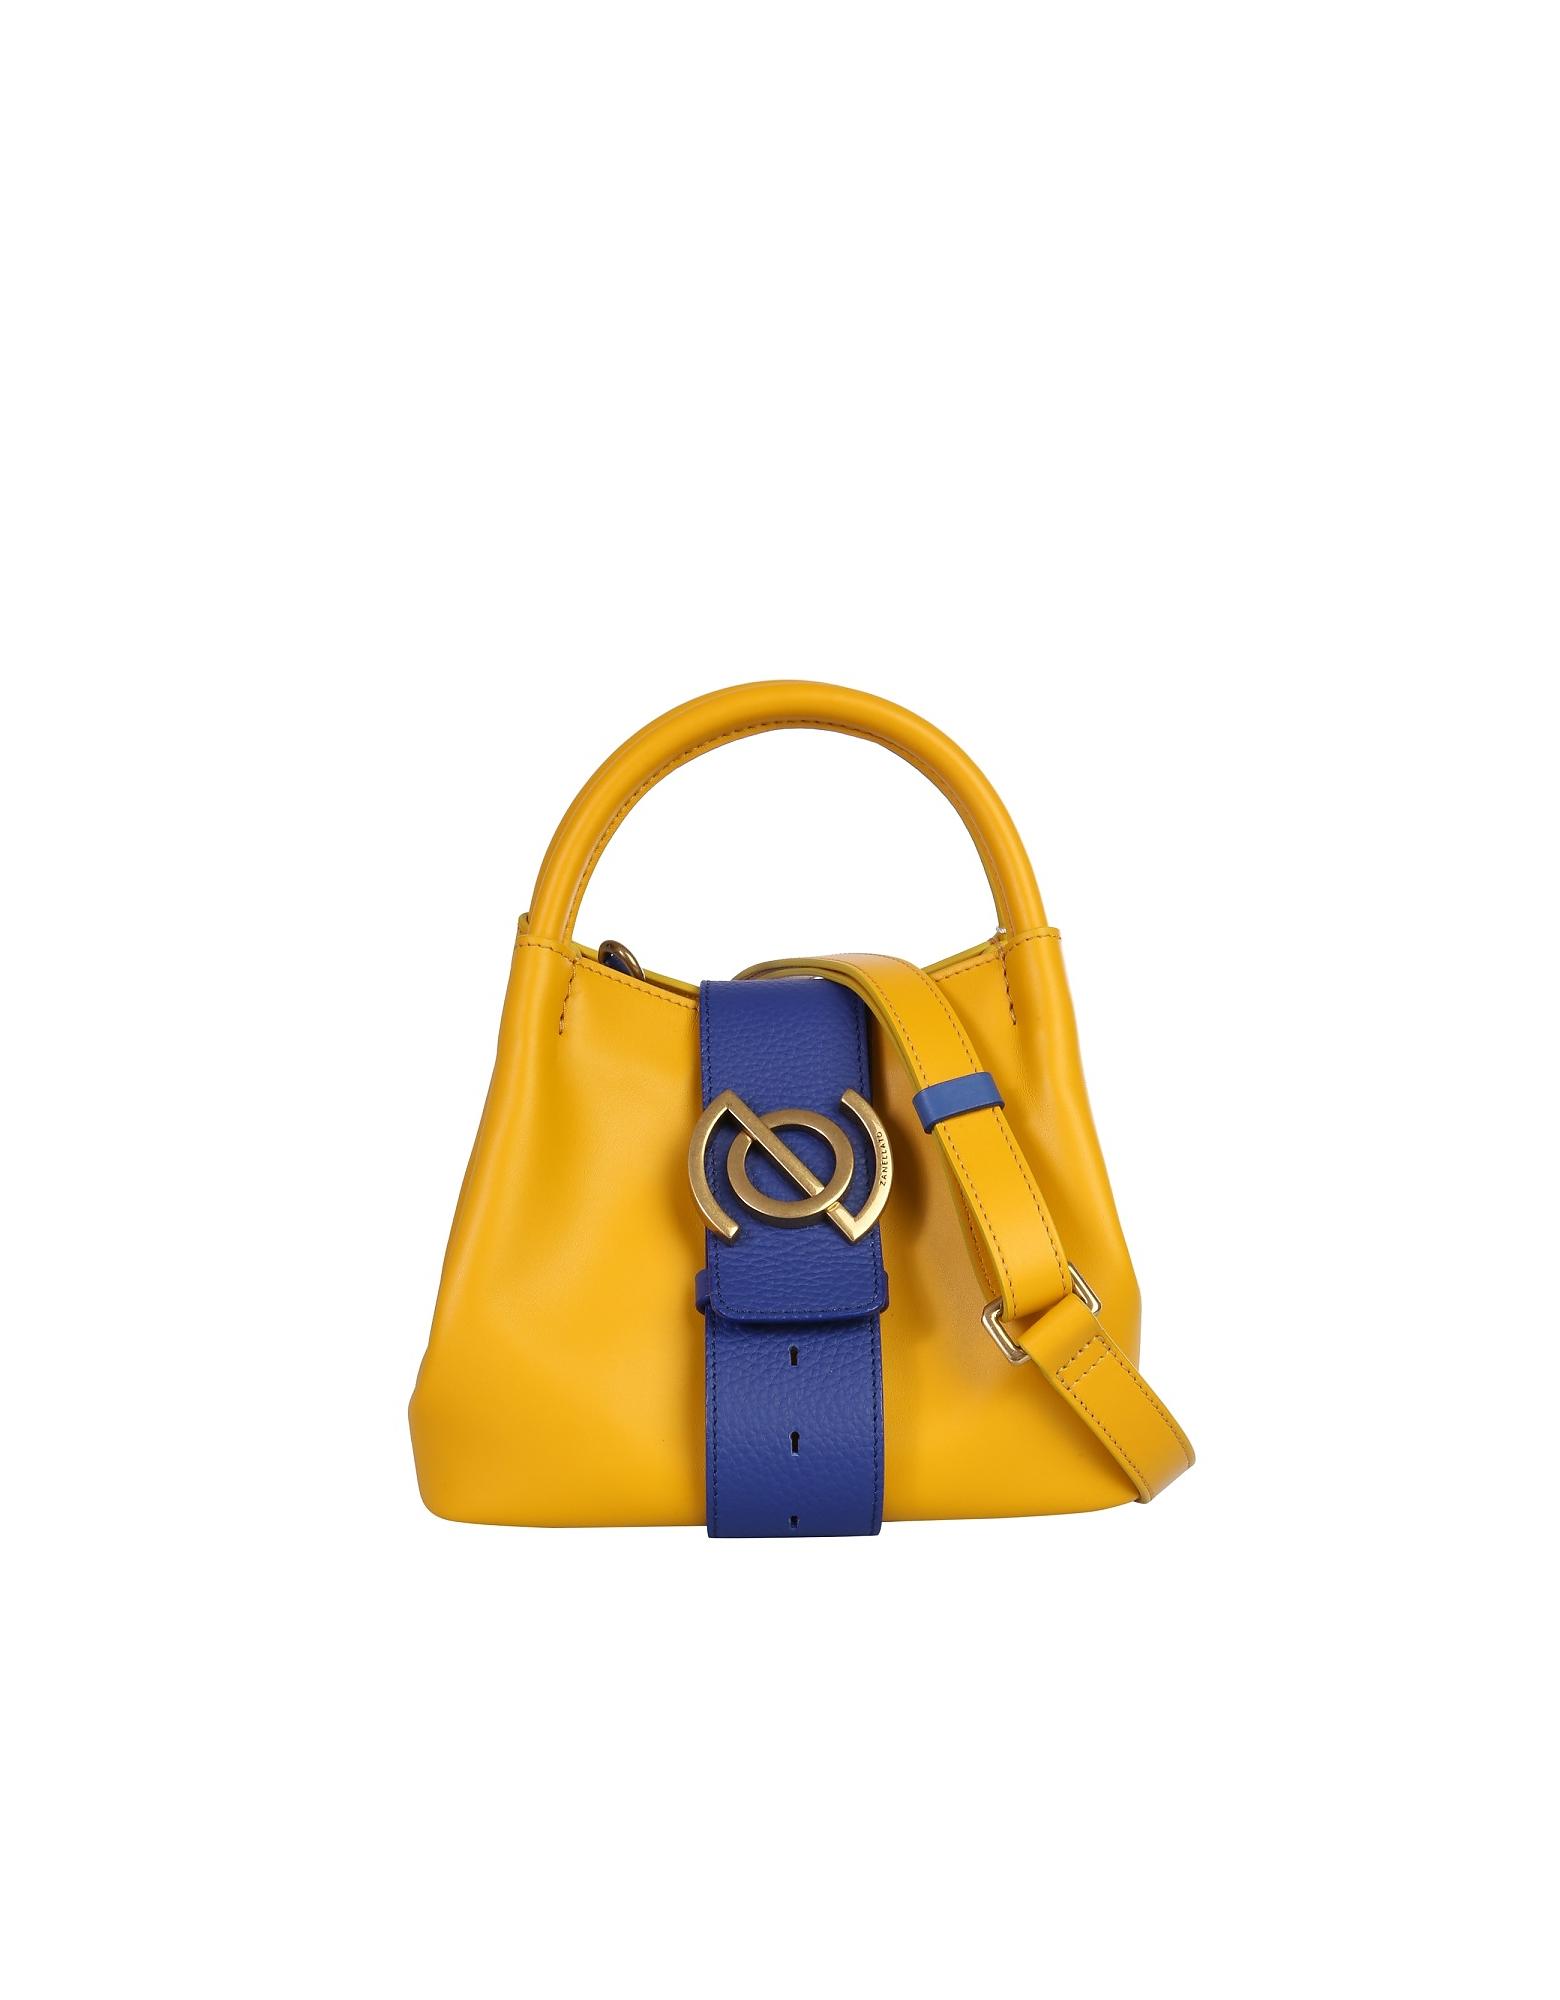 Zanellato Designer Handbags, Bright Yellow Zoe Mini Tote w/Shoulder Strap